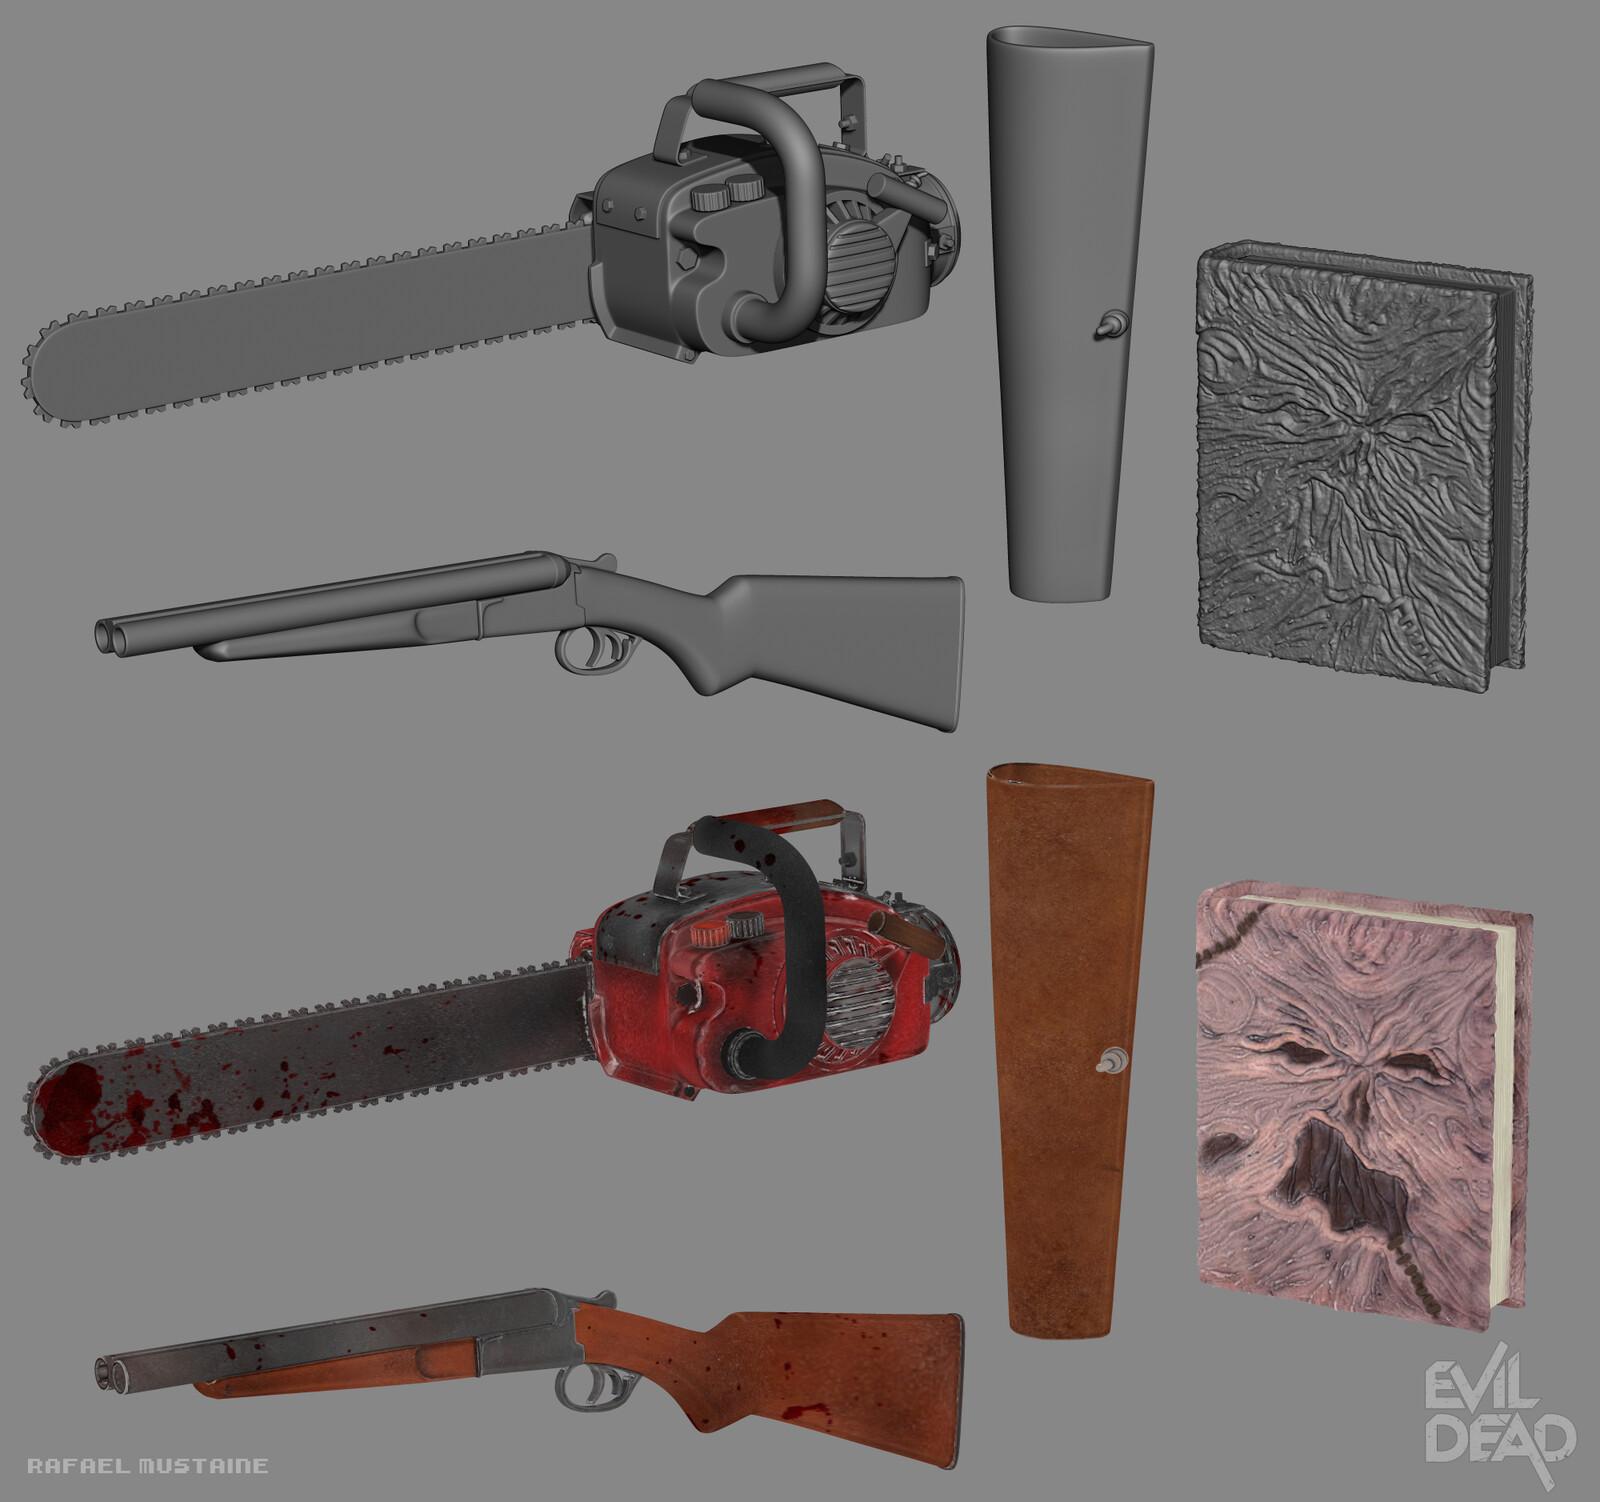 Ash Evil Dead - Props